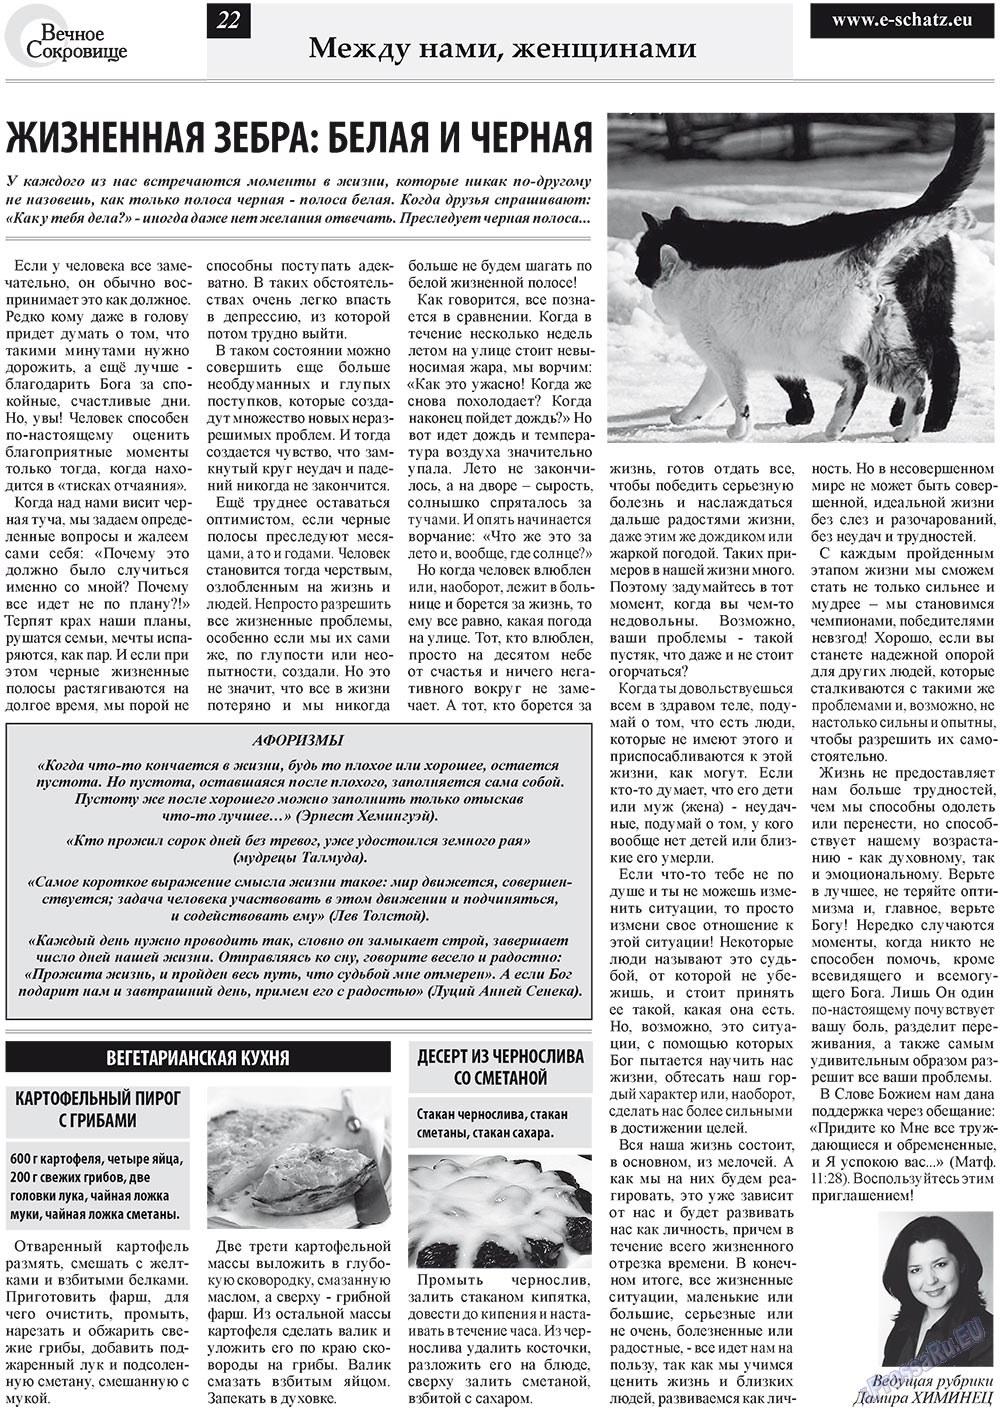 Вечное сокровище (газета). 2011 год, номер 5, стр. 22